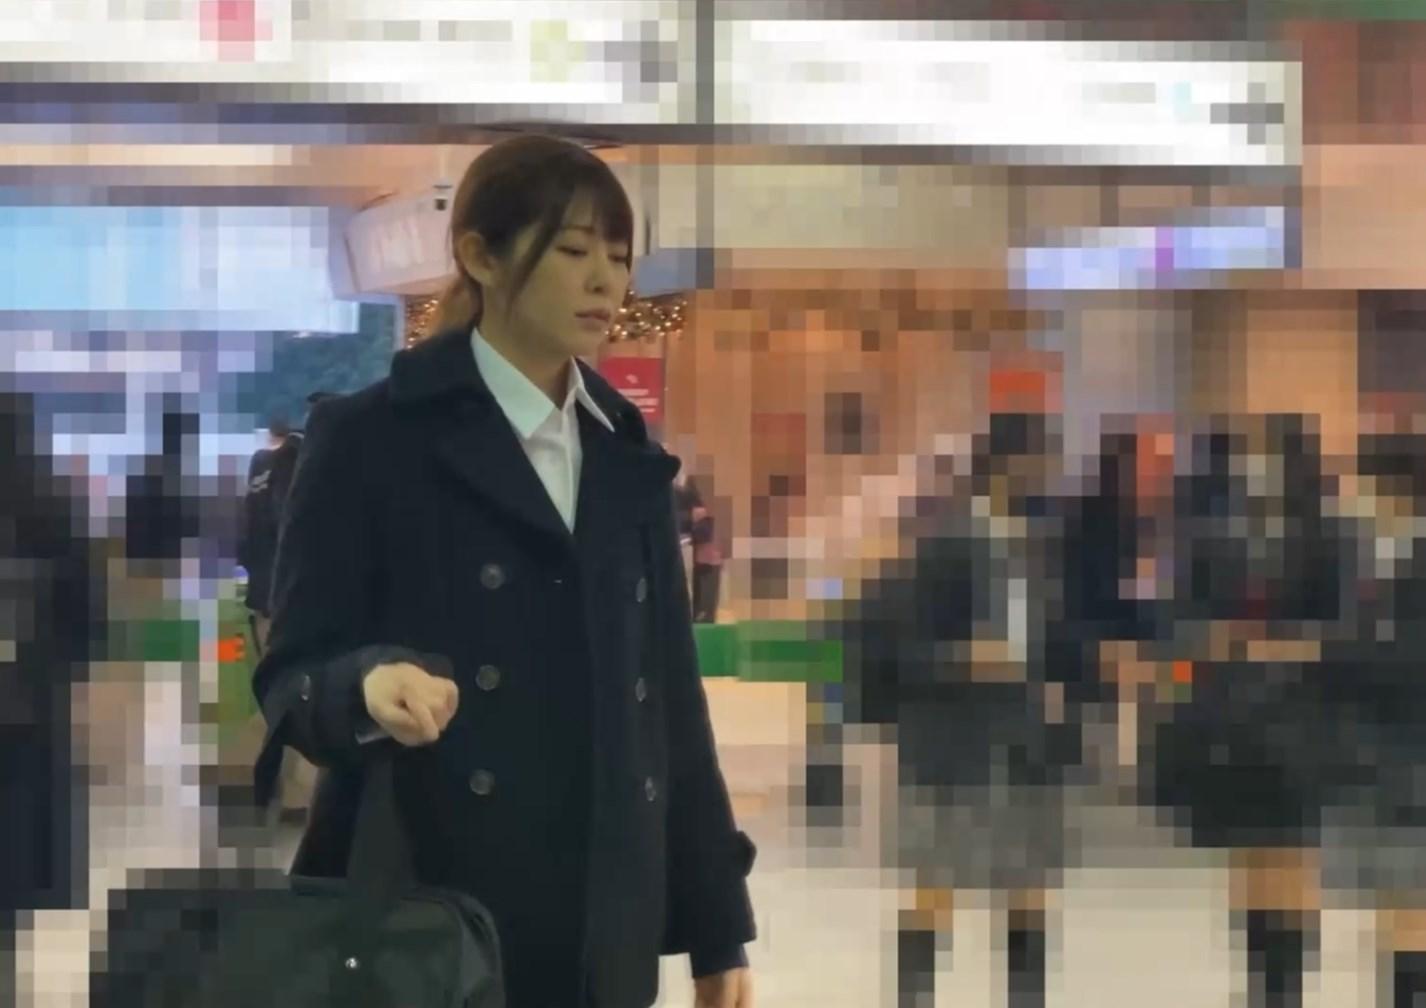 【電射男006】モデル並みの美少女!スレンダーな綺麗なふとももにぶっかけ!こすり付けられたザーメンがヤバい…画像つき詳細レビュー